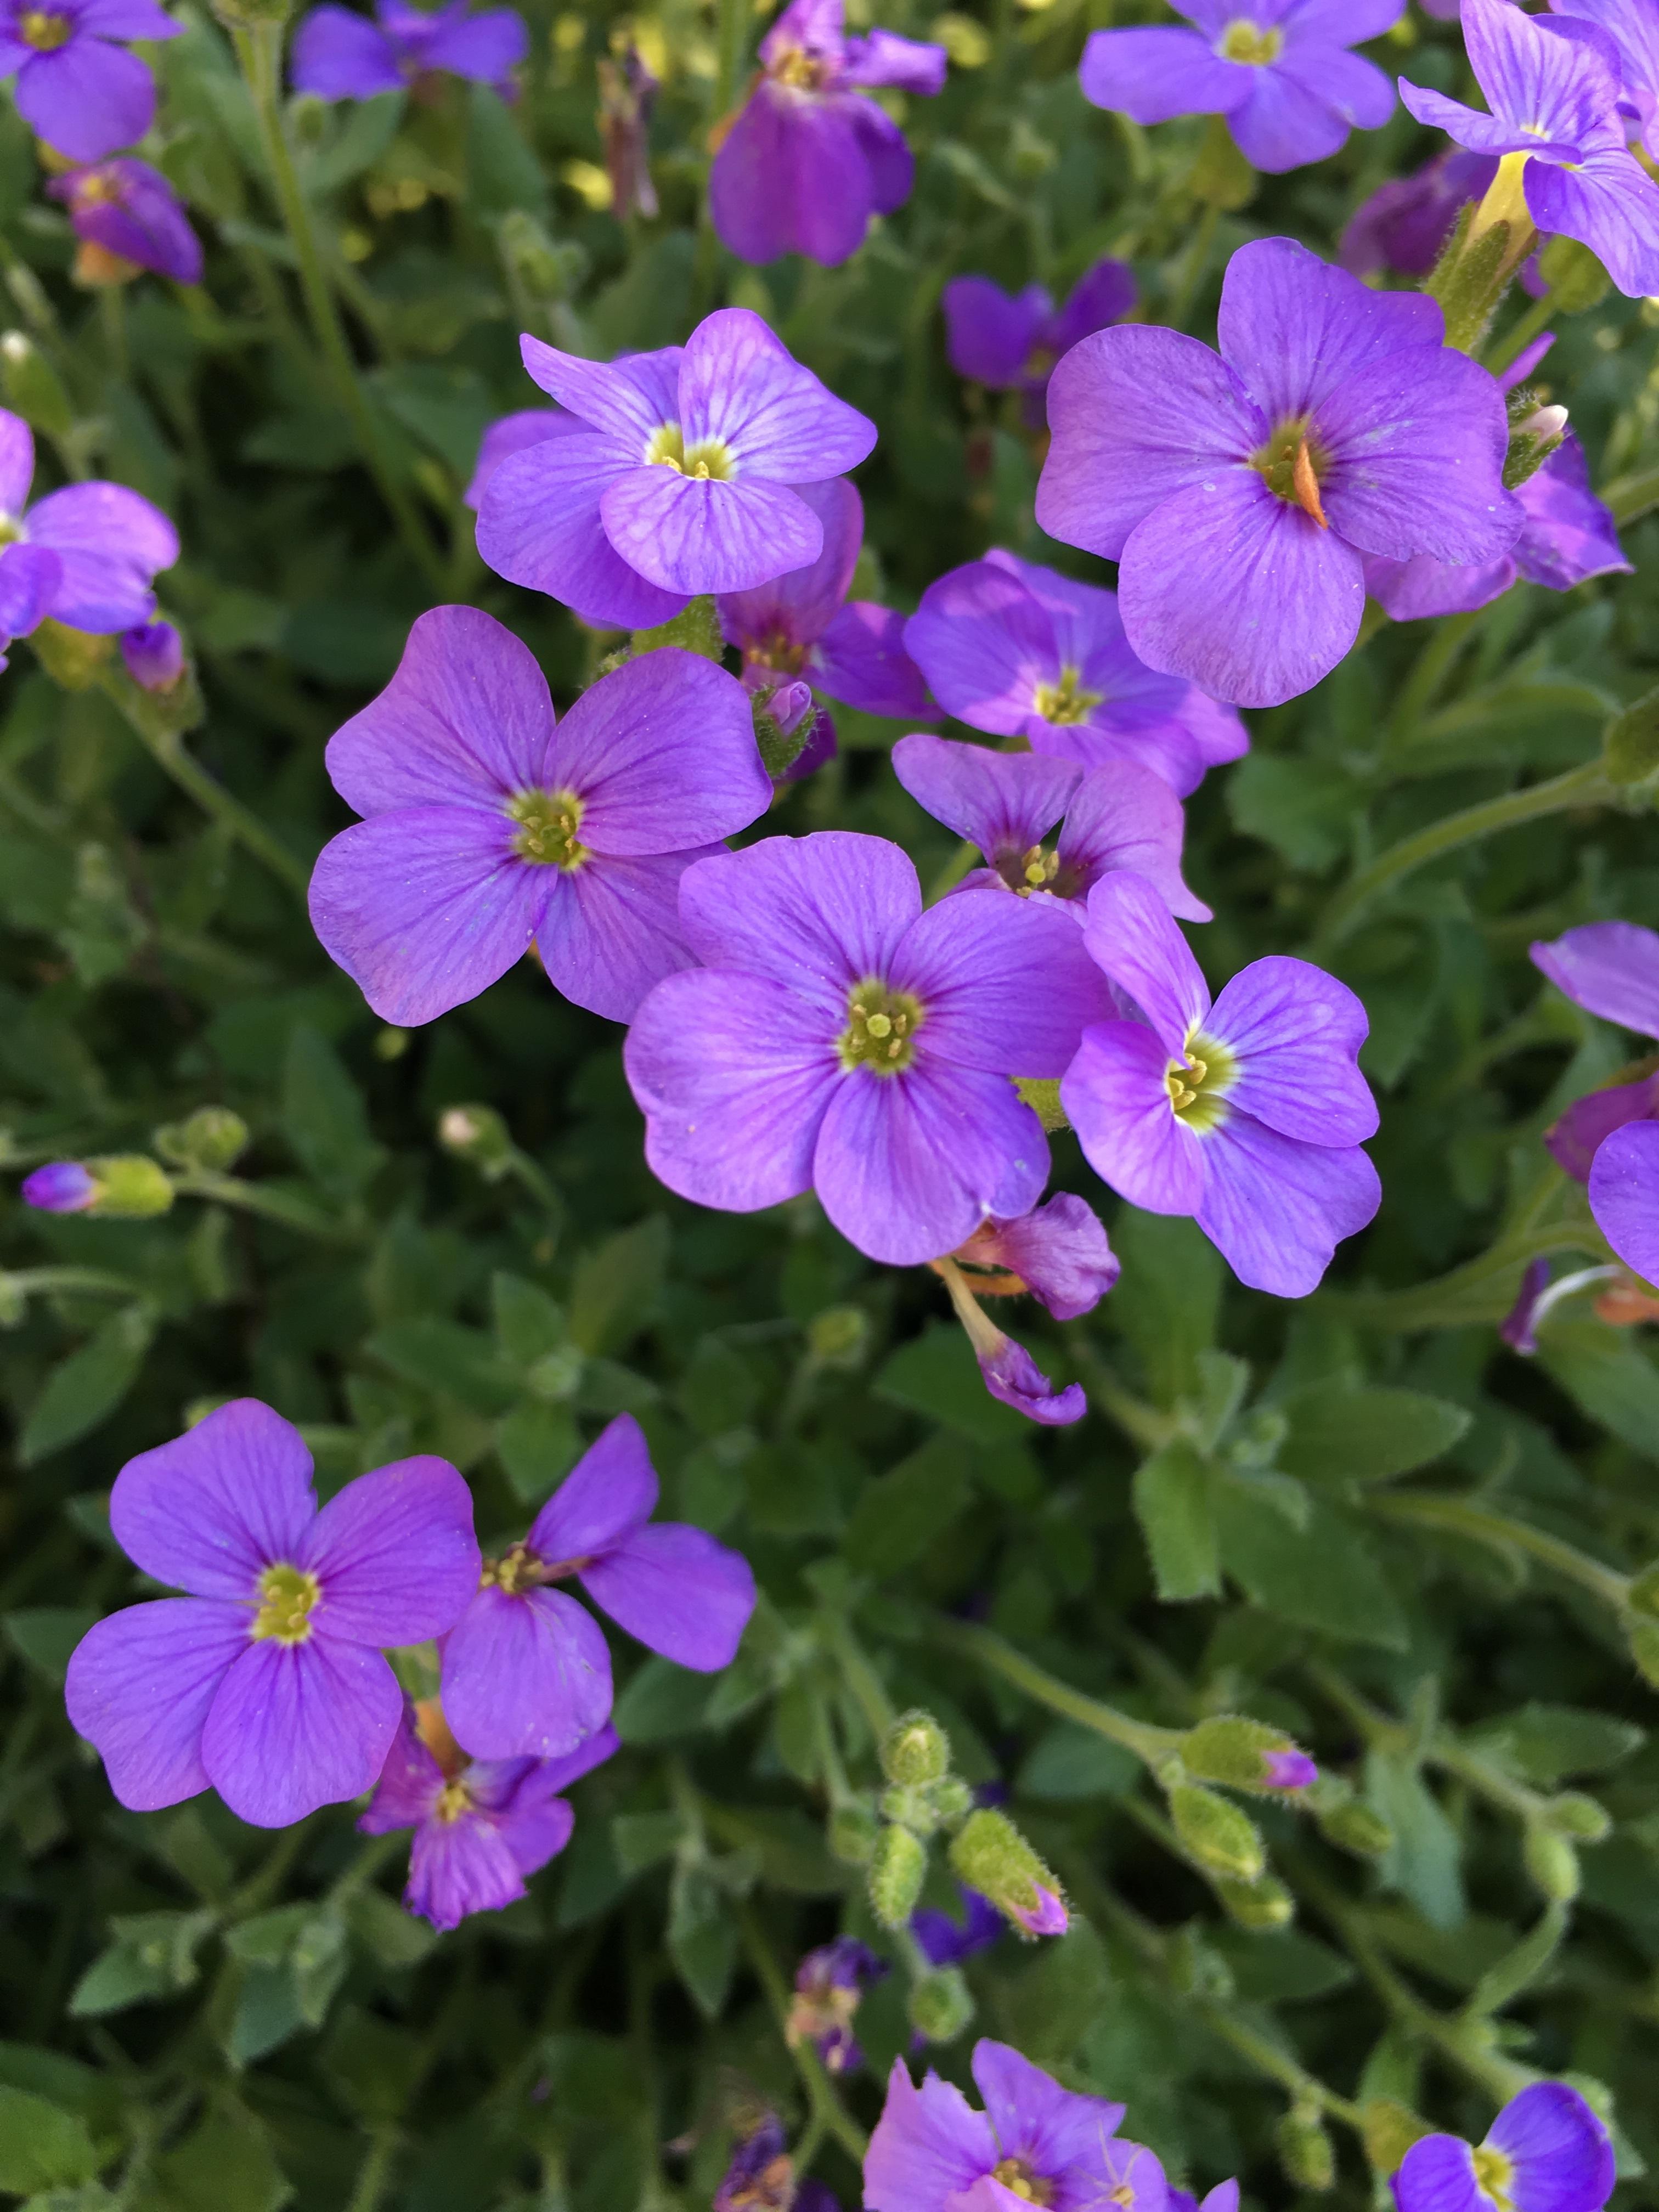 Images gratuites la nature fleur floraison t marguerite printemps jardin flore fleur - Image fleur violette gratuite ...